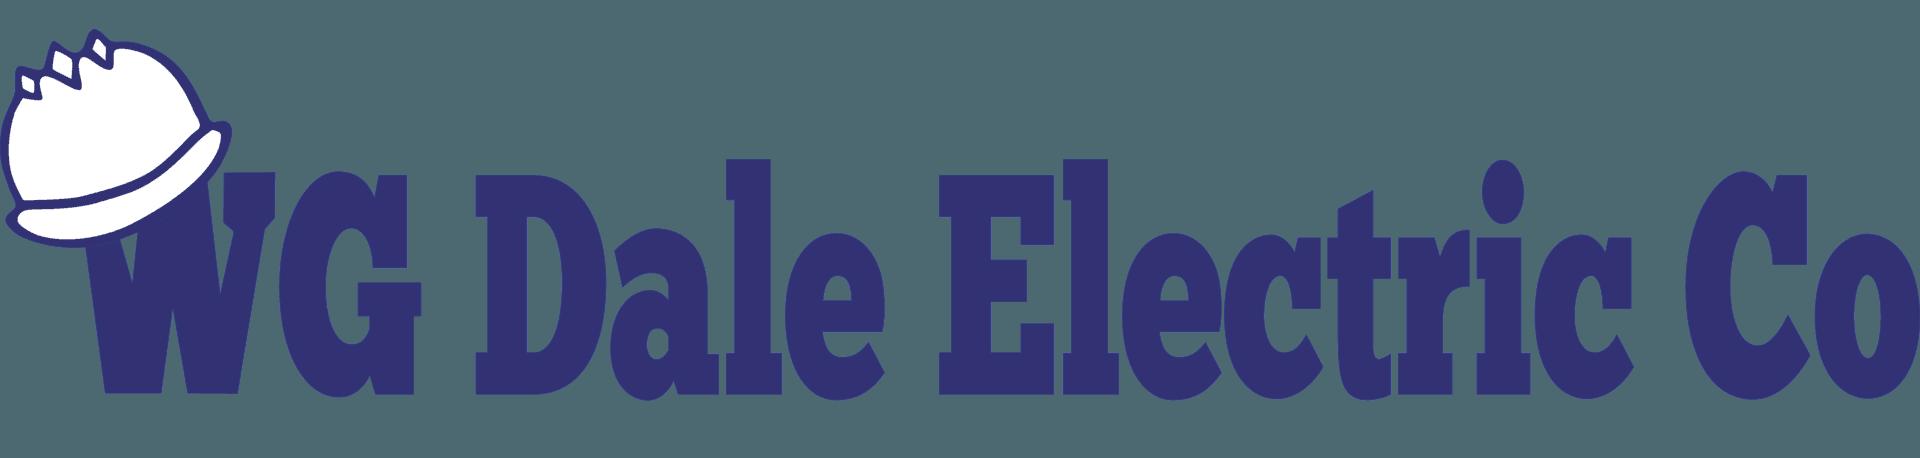 W. G. Dale Electric Co. - Logo